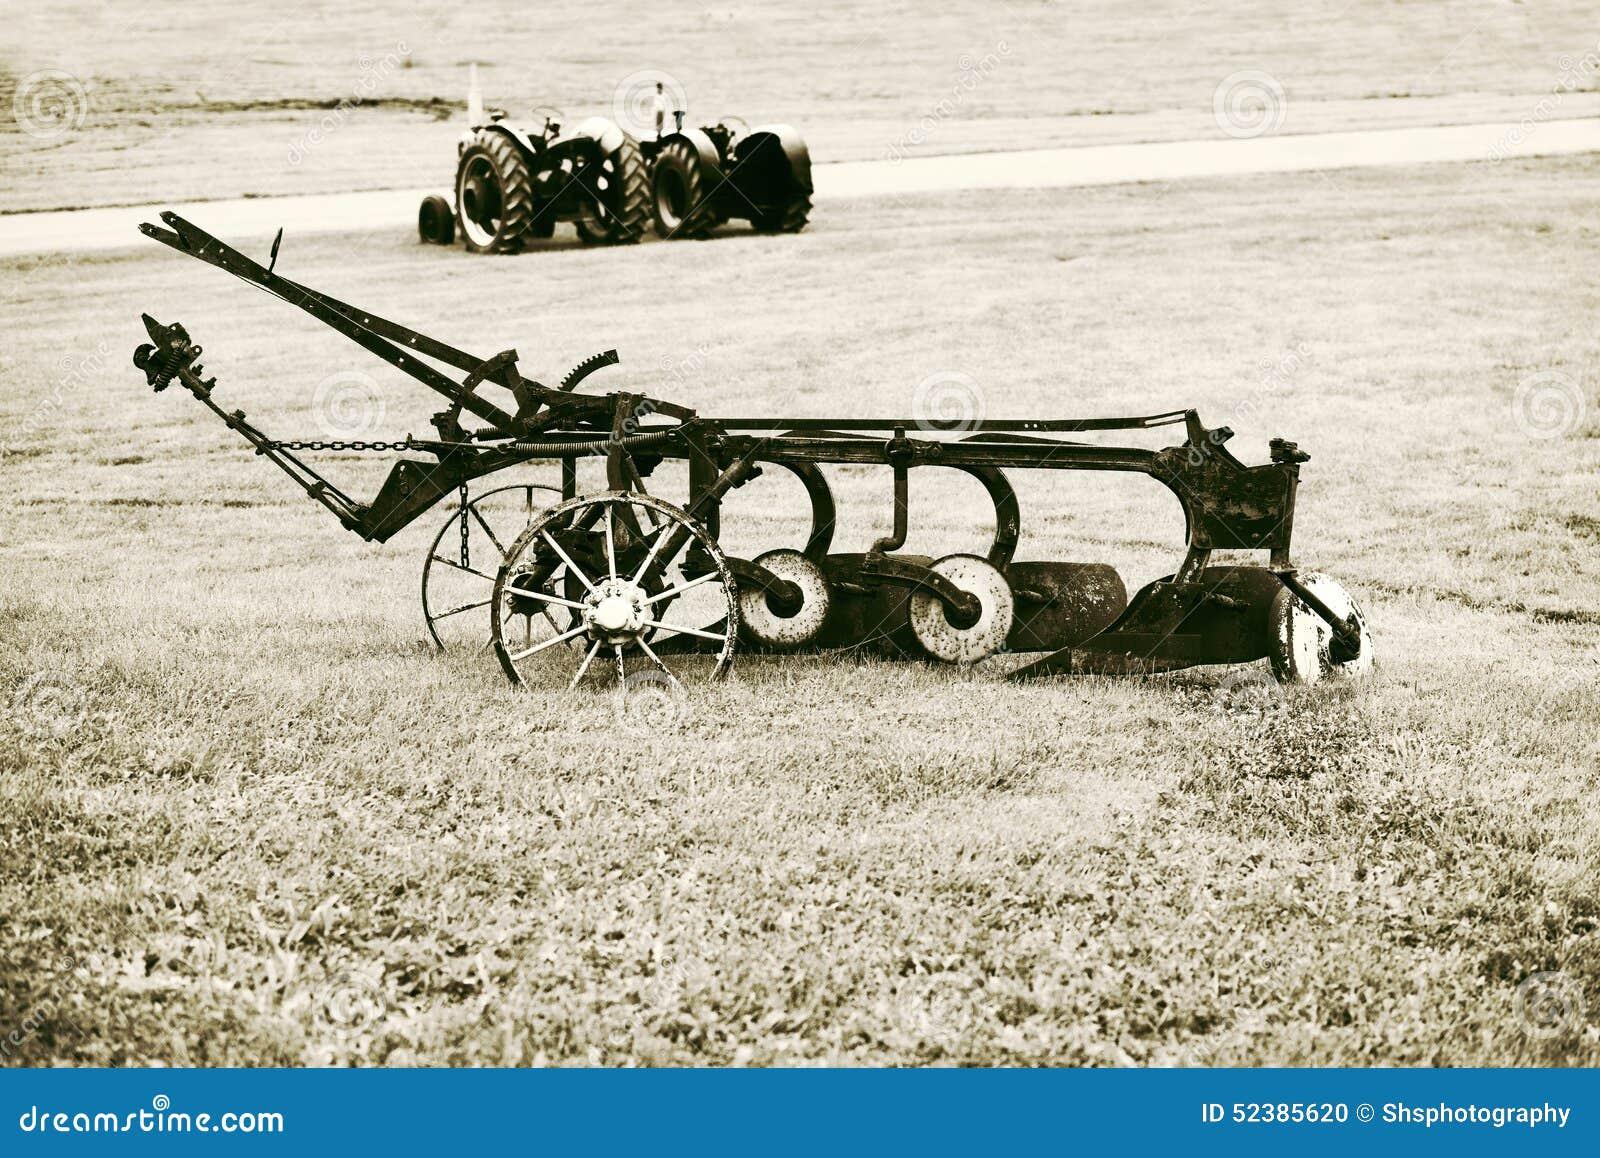 Vintage Plow in a Farm Field